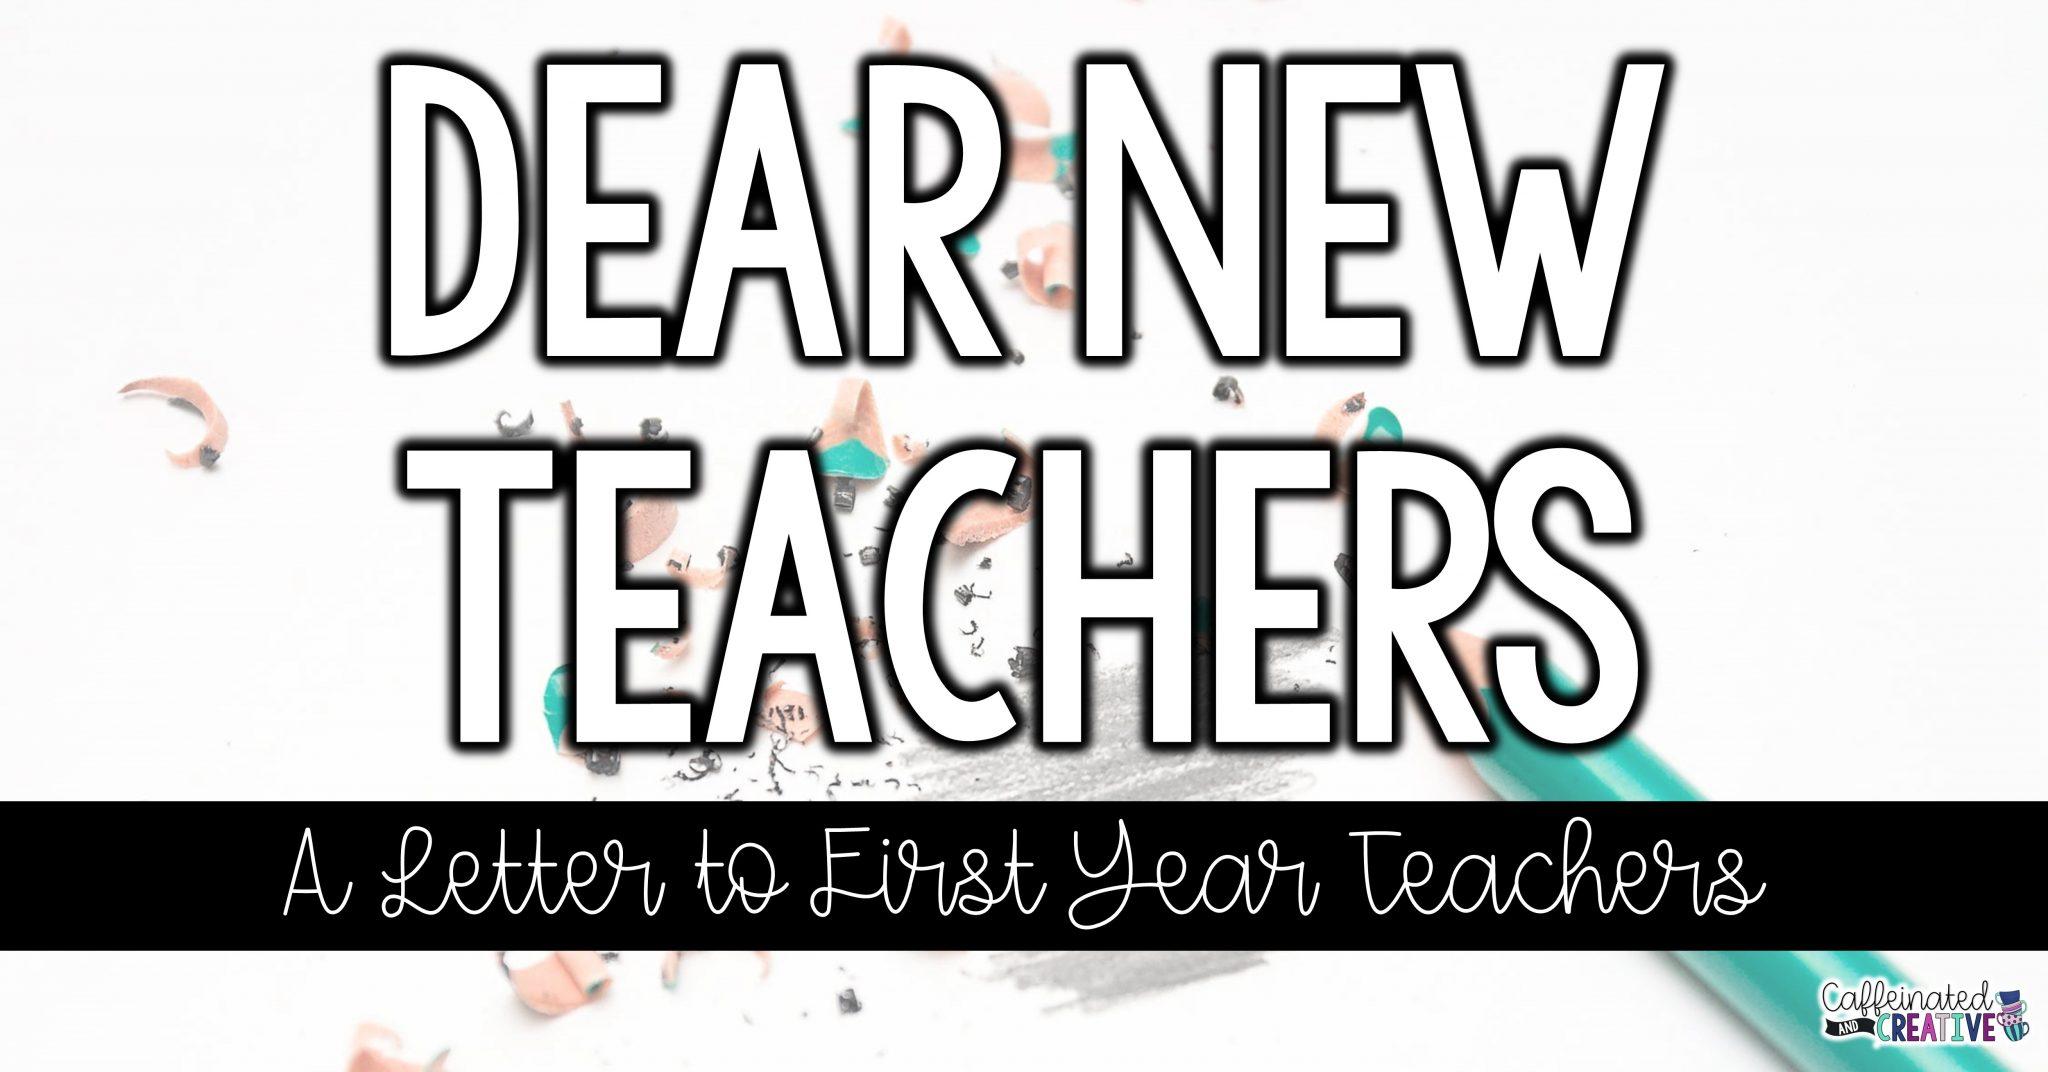 Dear New Teache